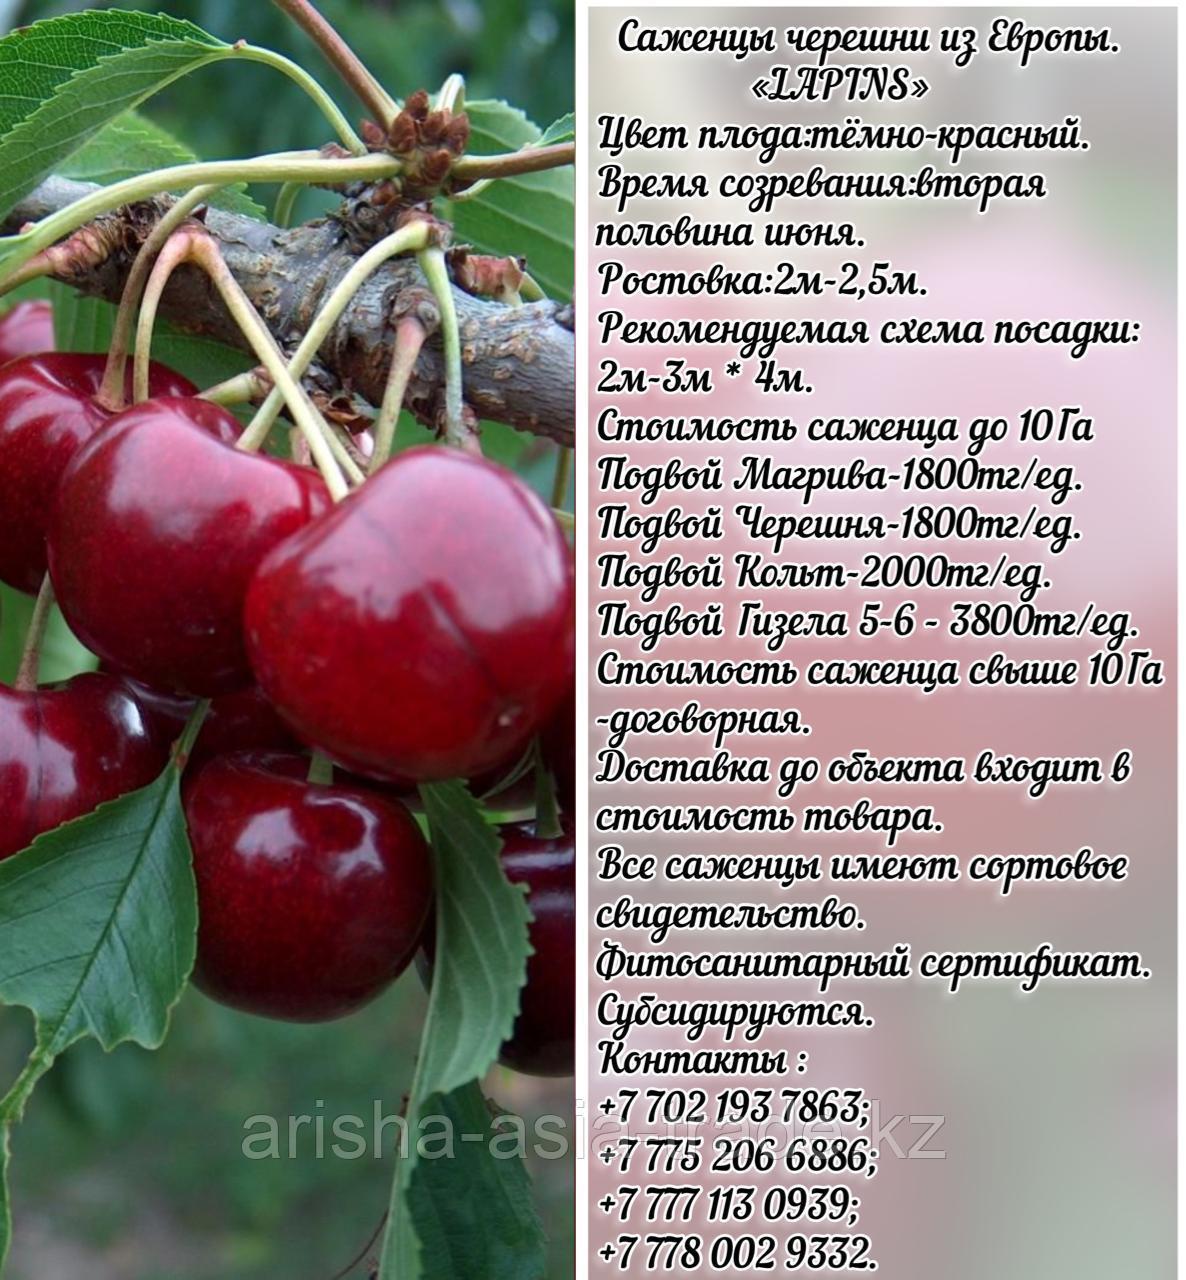 Саженец черешни колированной Lapins (Лапинс) Сербия